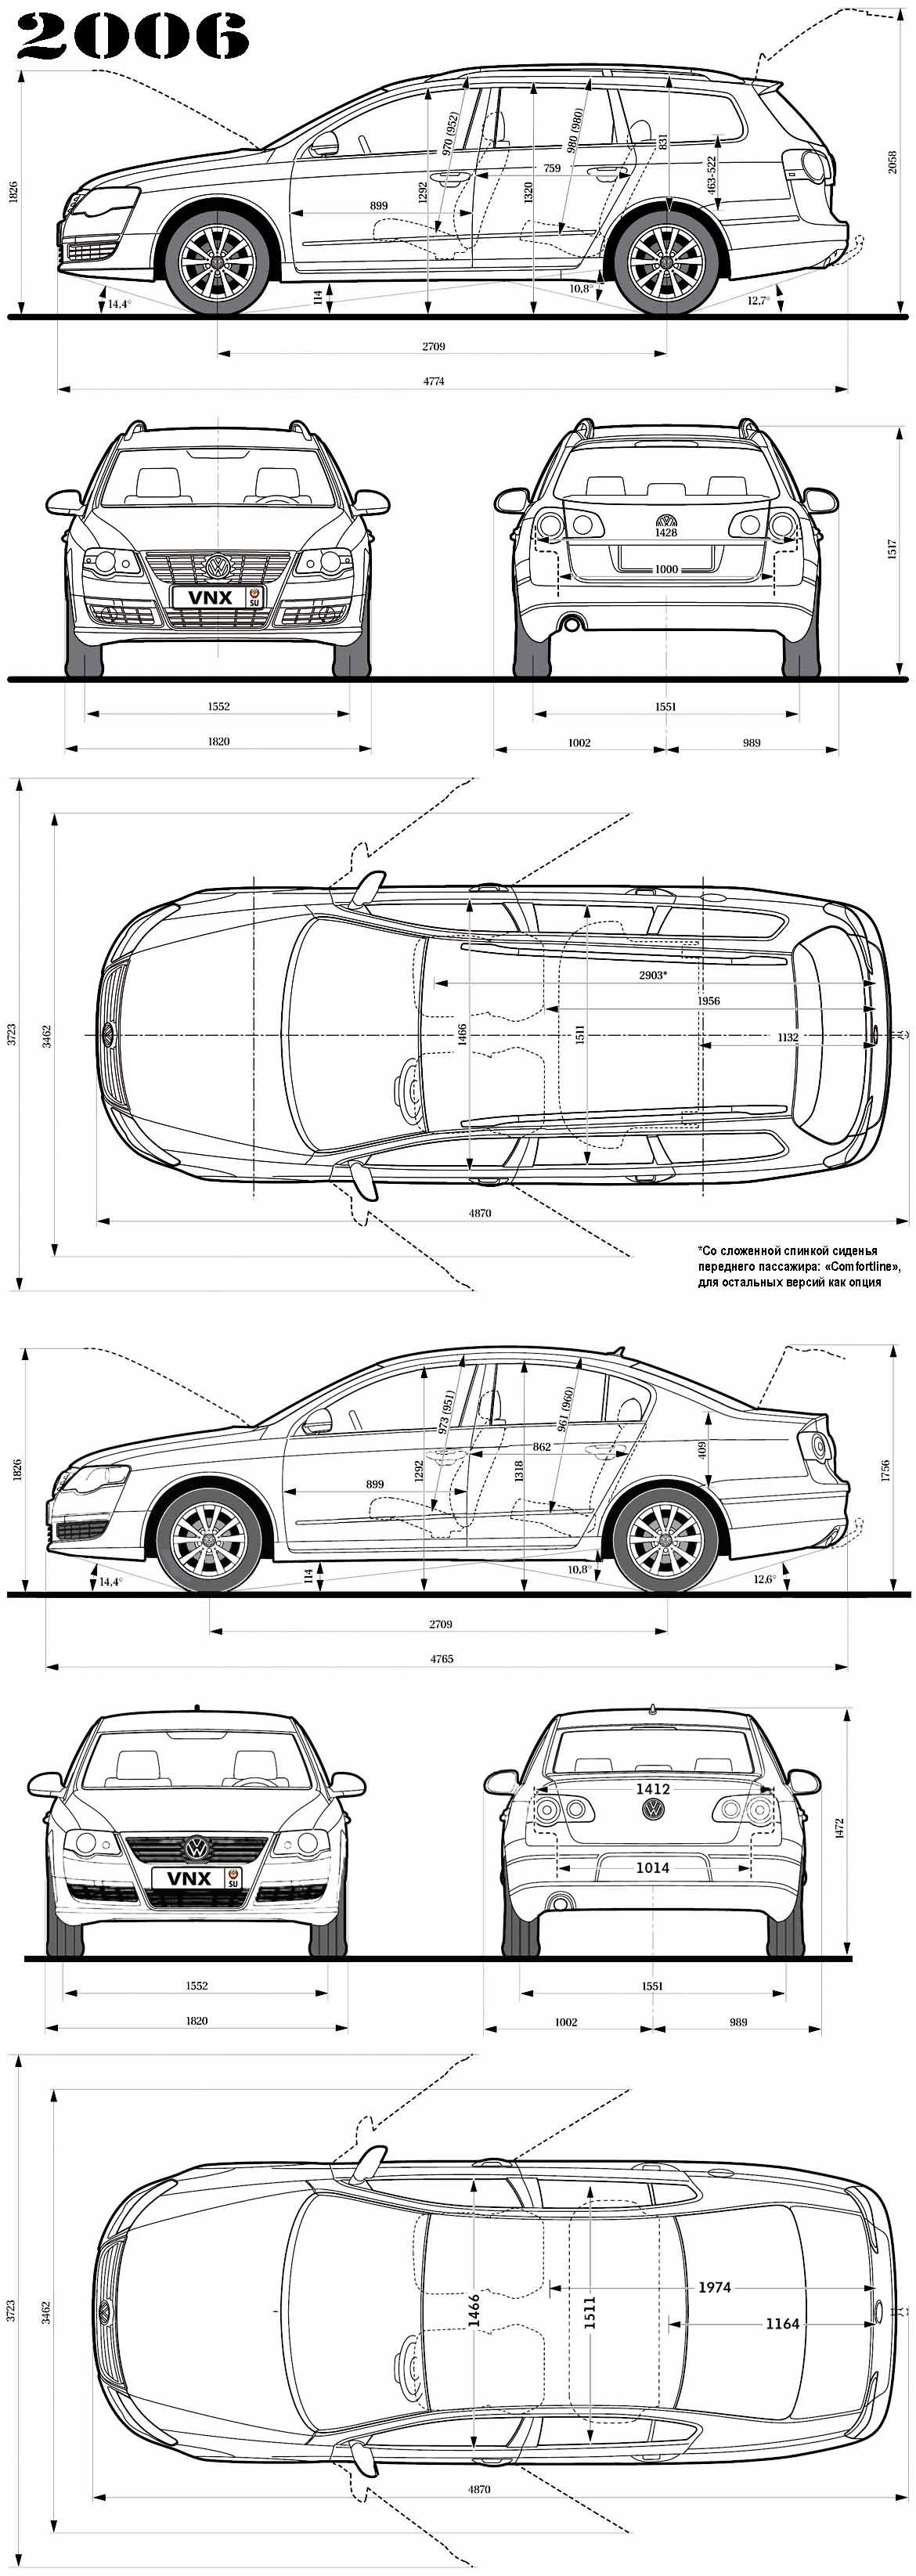 инструкция по эксплуатации фольксваген пассат б6 2010